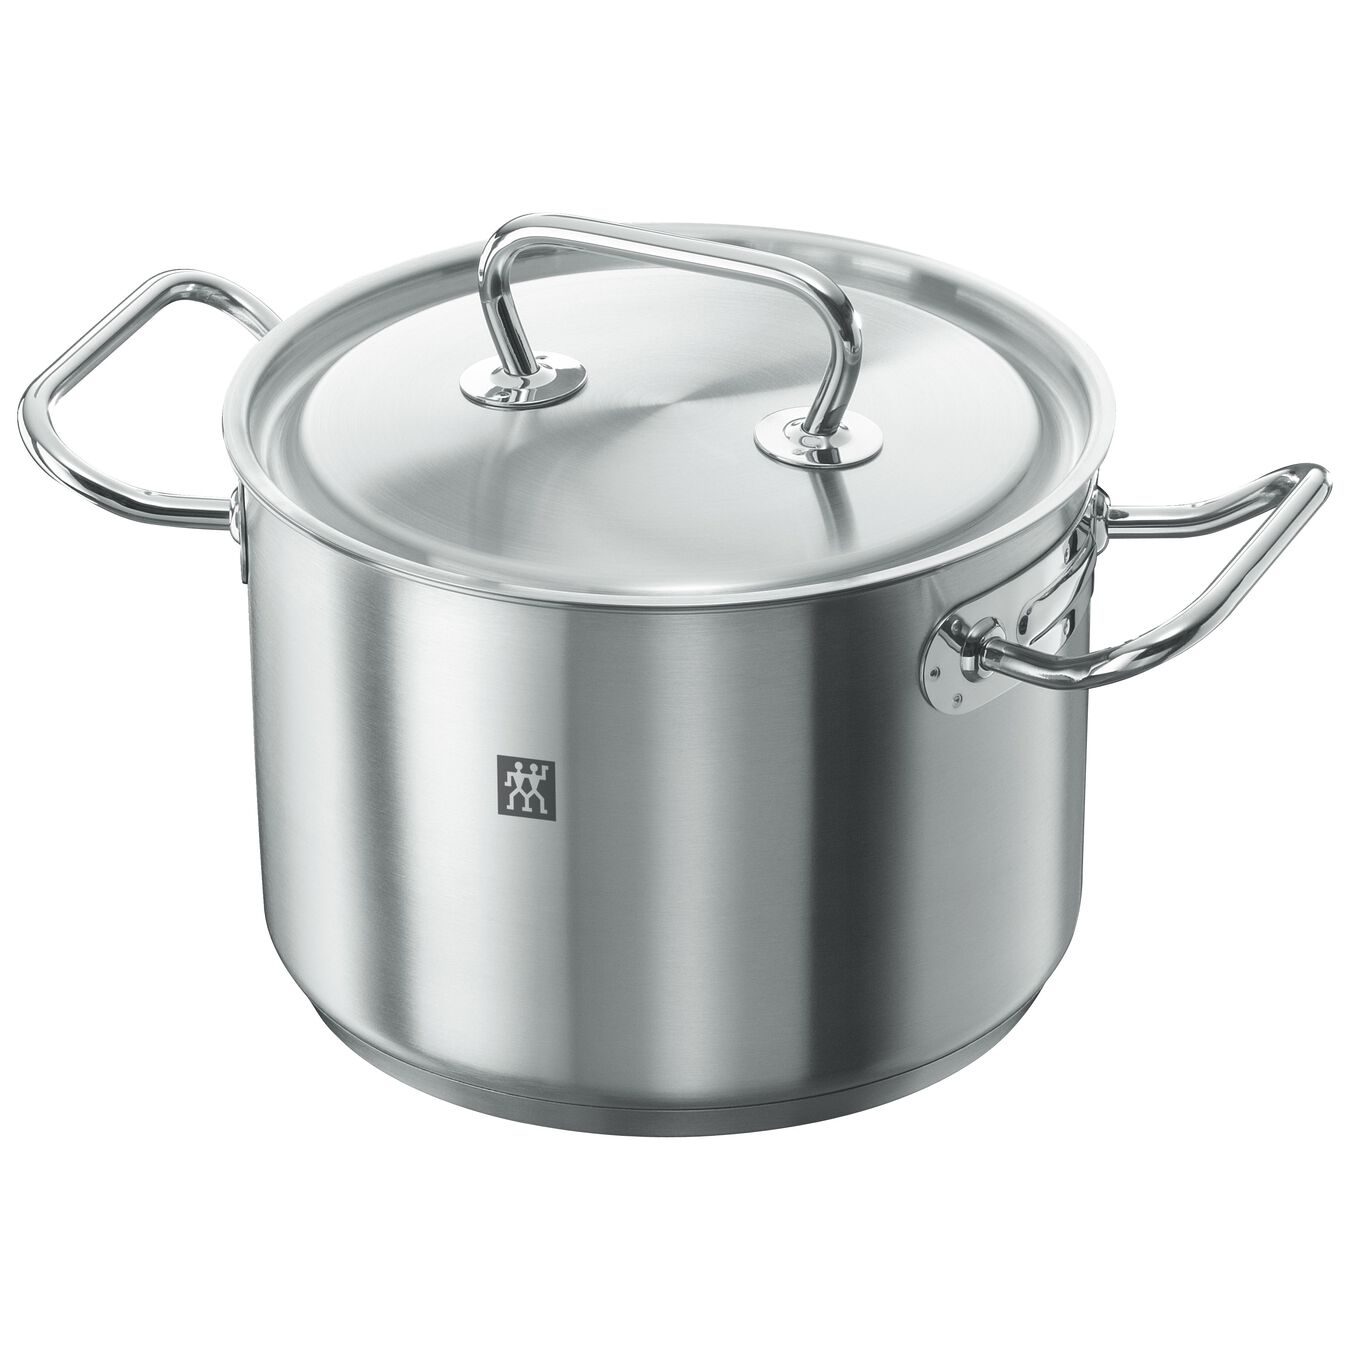 Ensemble de casseroles 4-pcs, Inox 18/10,,large 10